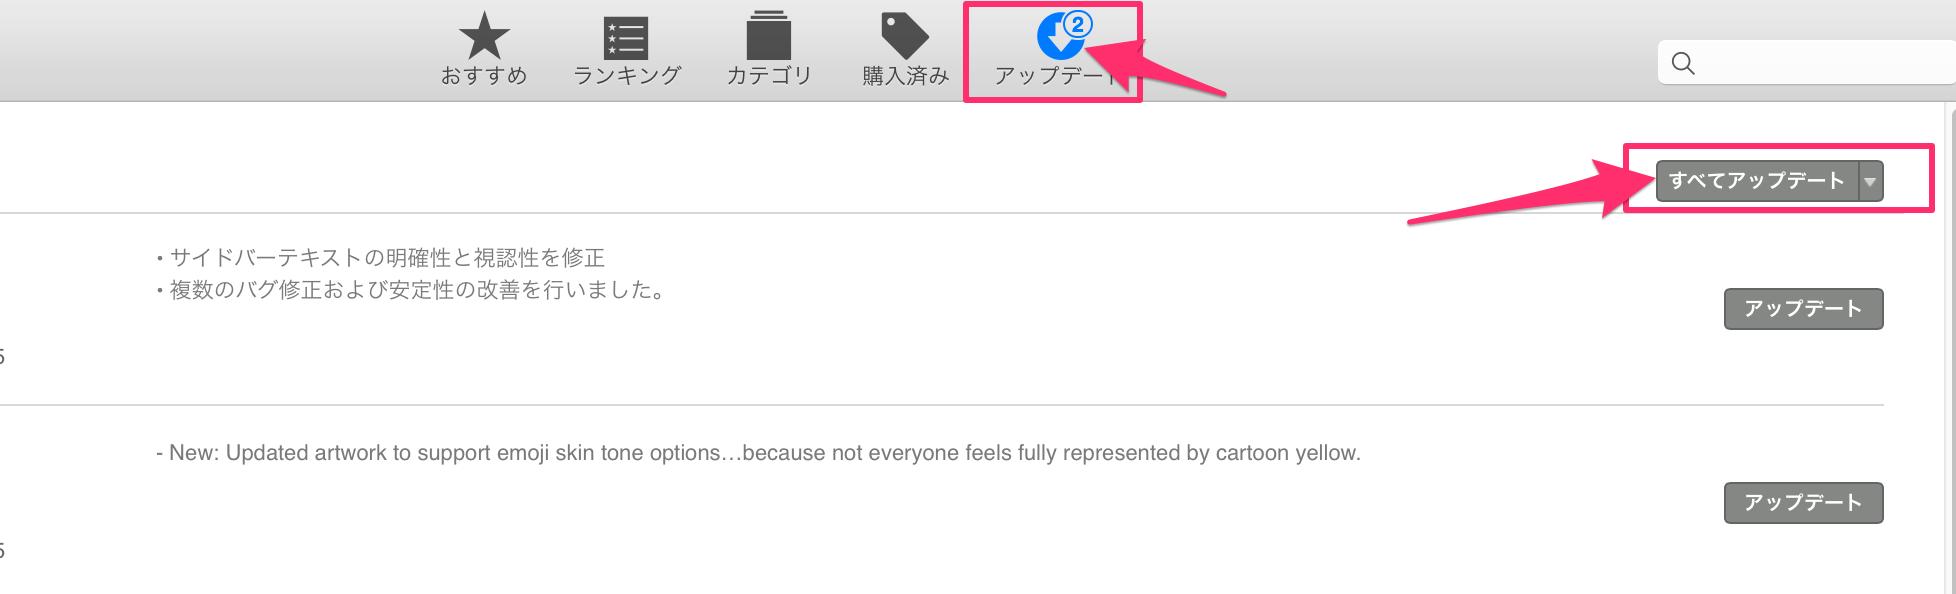 macのアプリケーションを最新版にアップデート